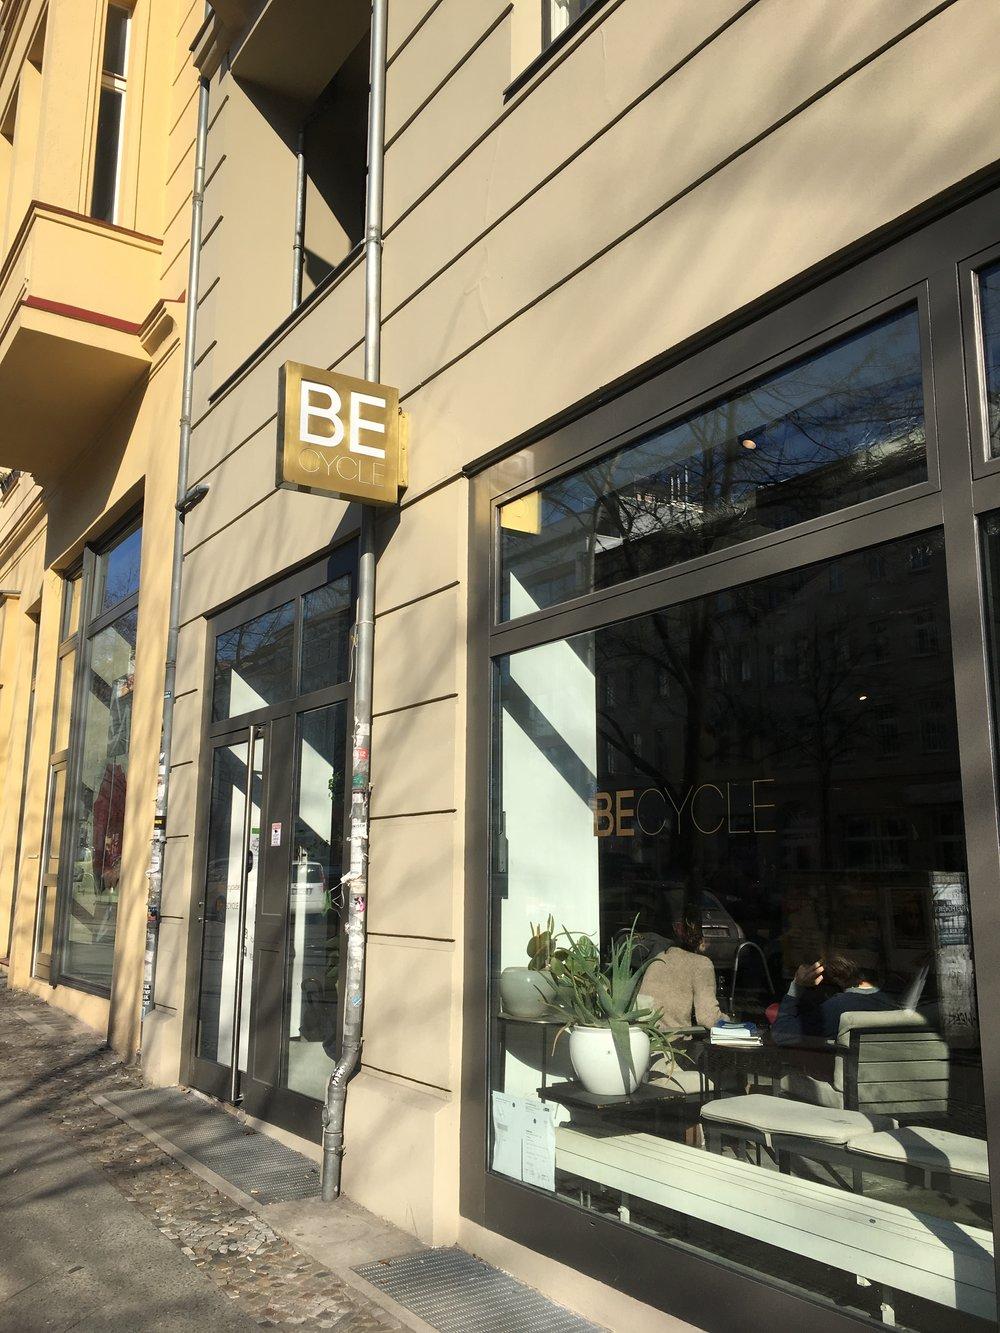 becycle berlin.JPG